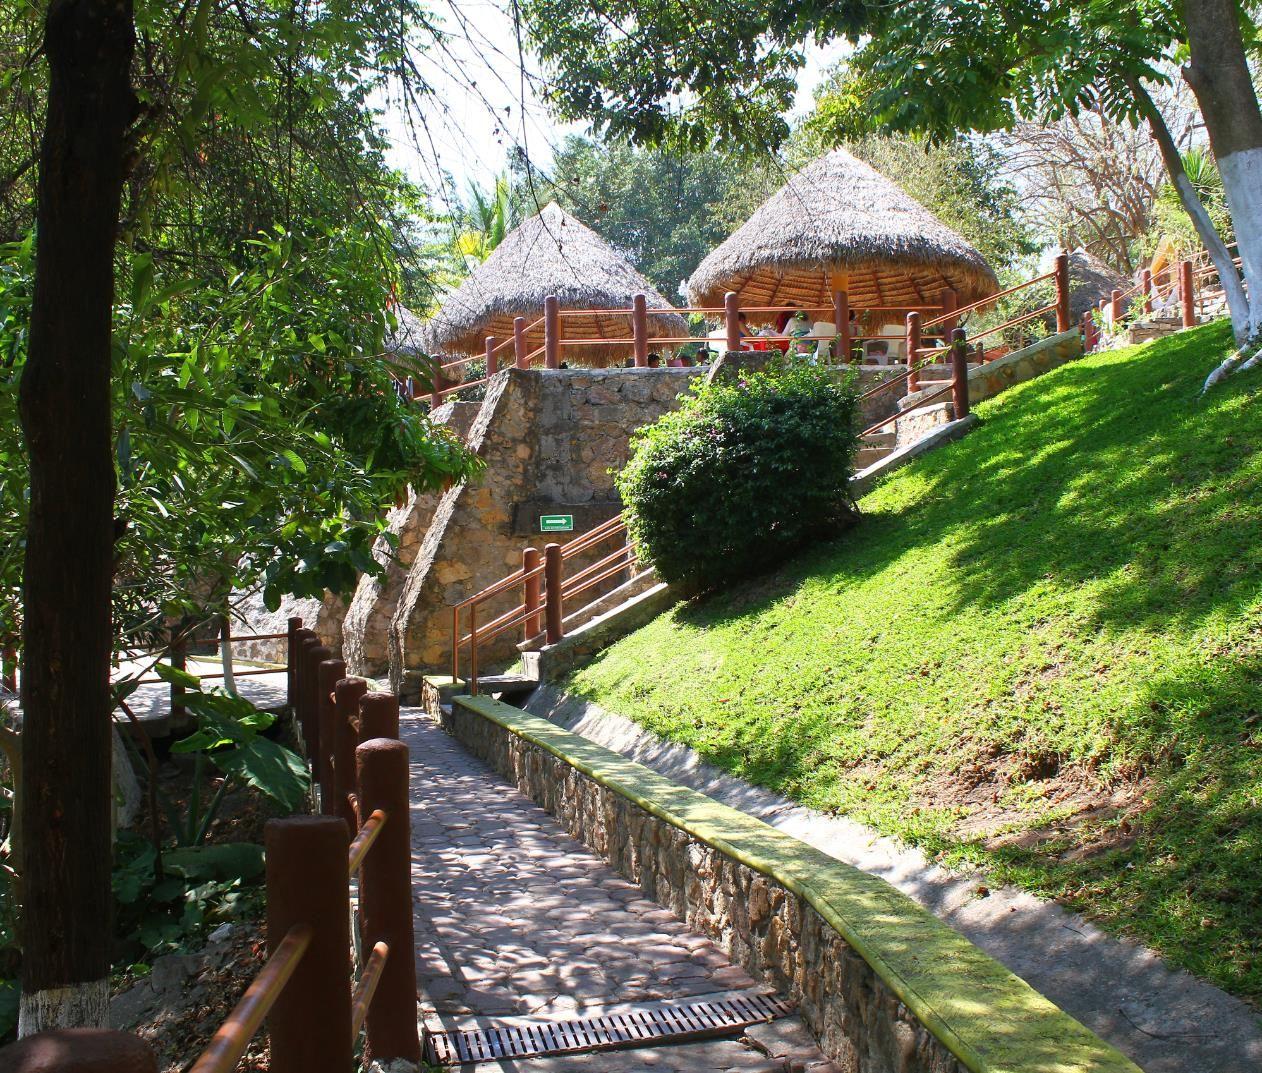 Fotos del Balneario Las Huertas en Morelos 3 Tenemos palapas y cabaas para hospedarte  balneario  House styles Home Decor y Cabin